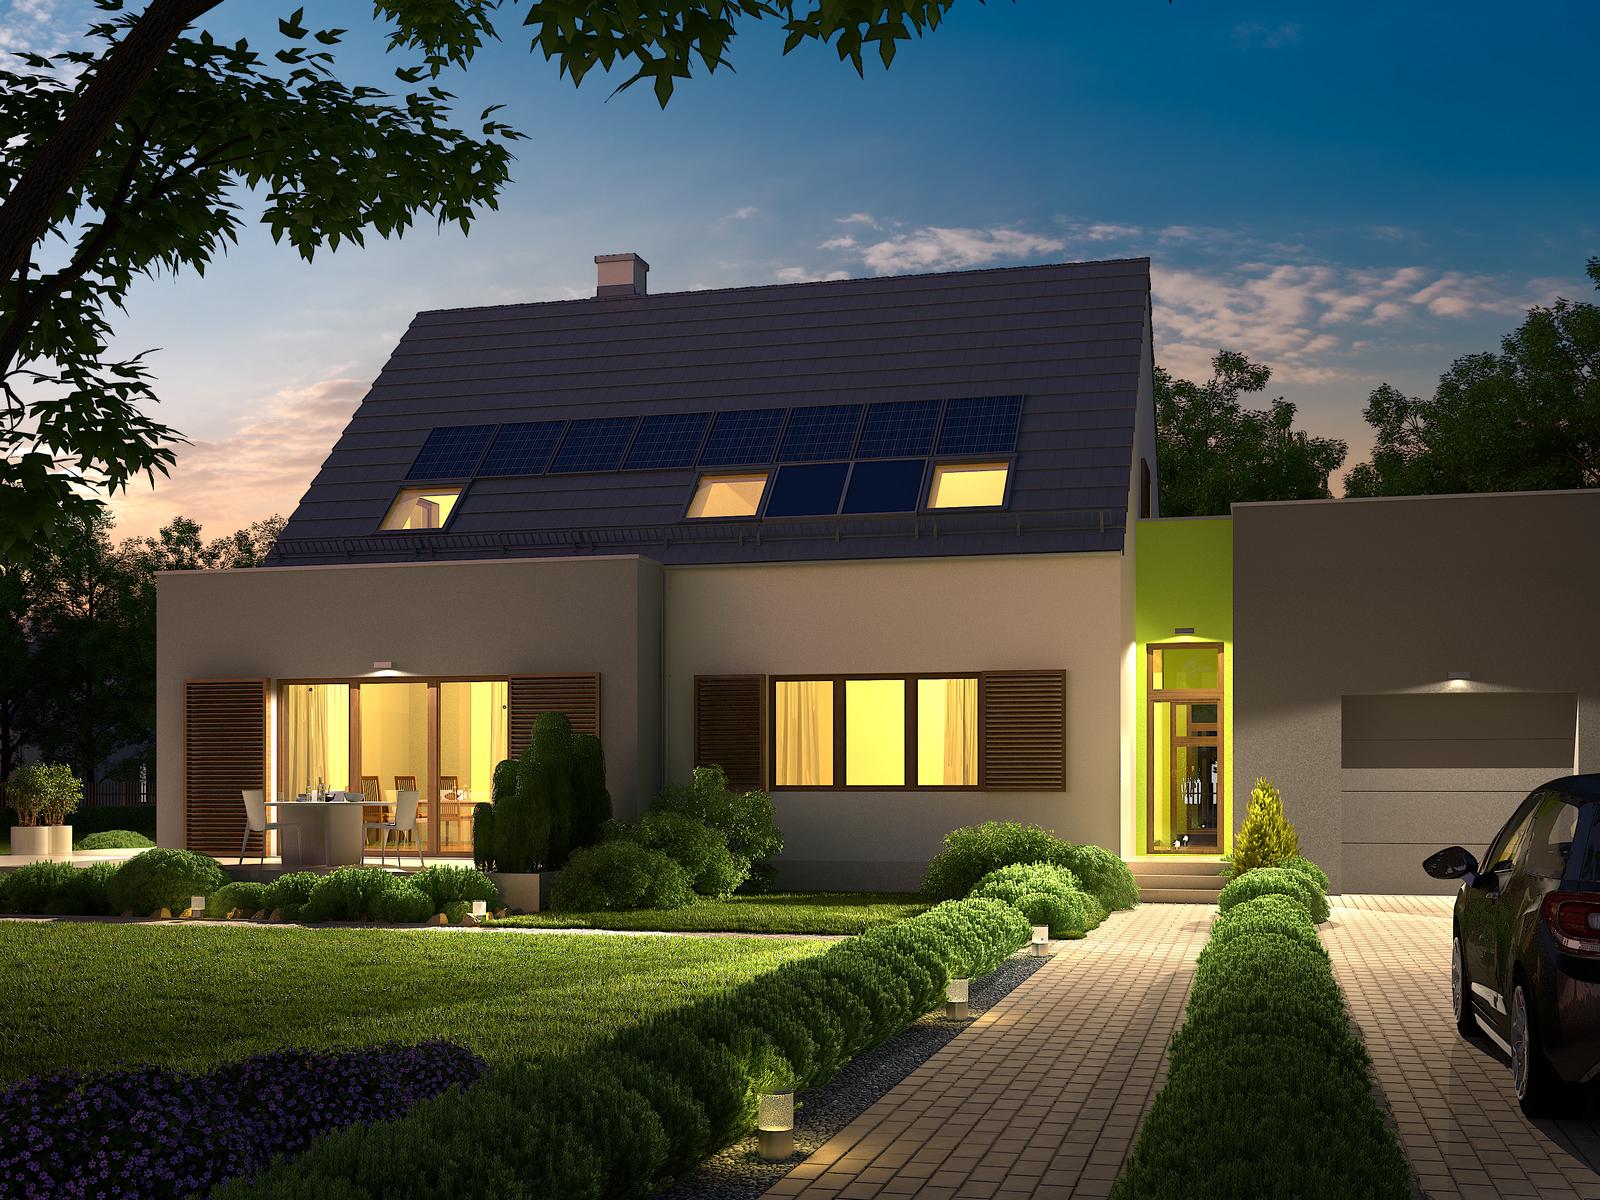 Projekt domu FRONTOWY Domy Czystej Energii widok od frontu